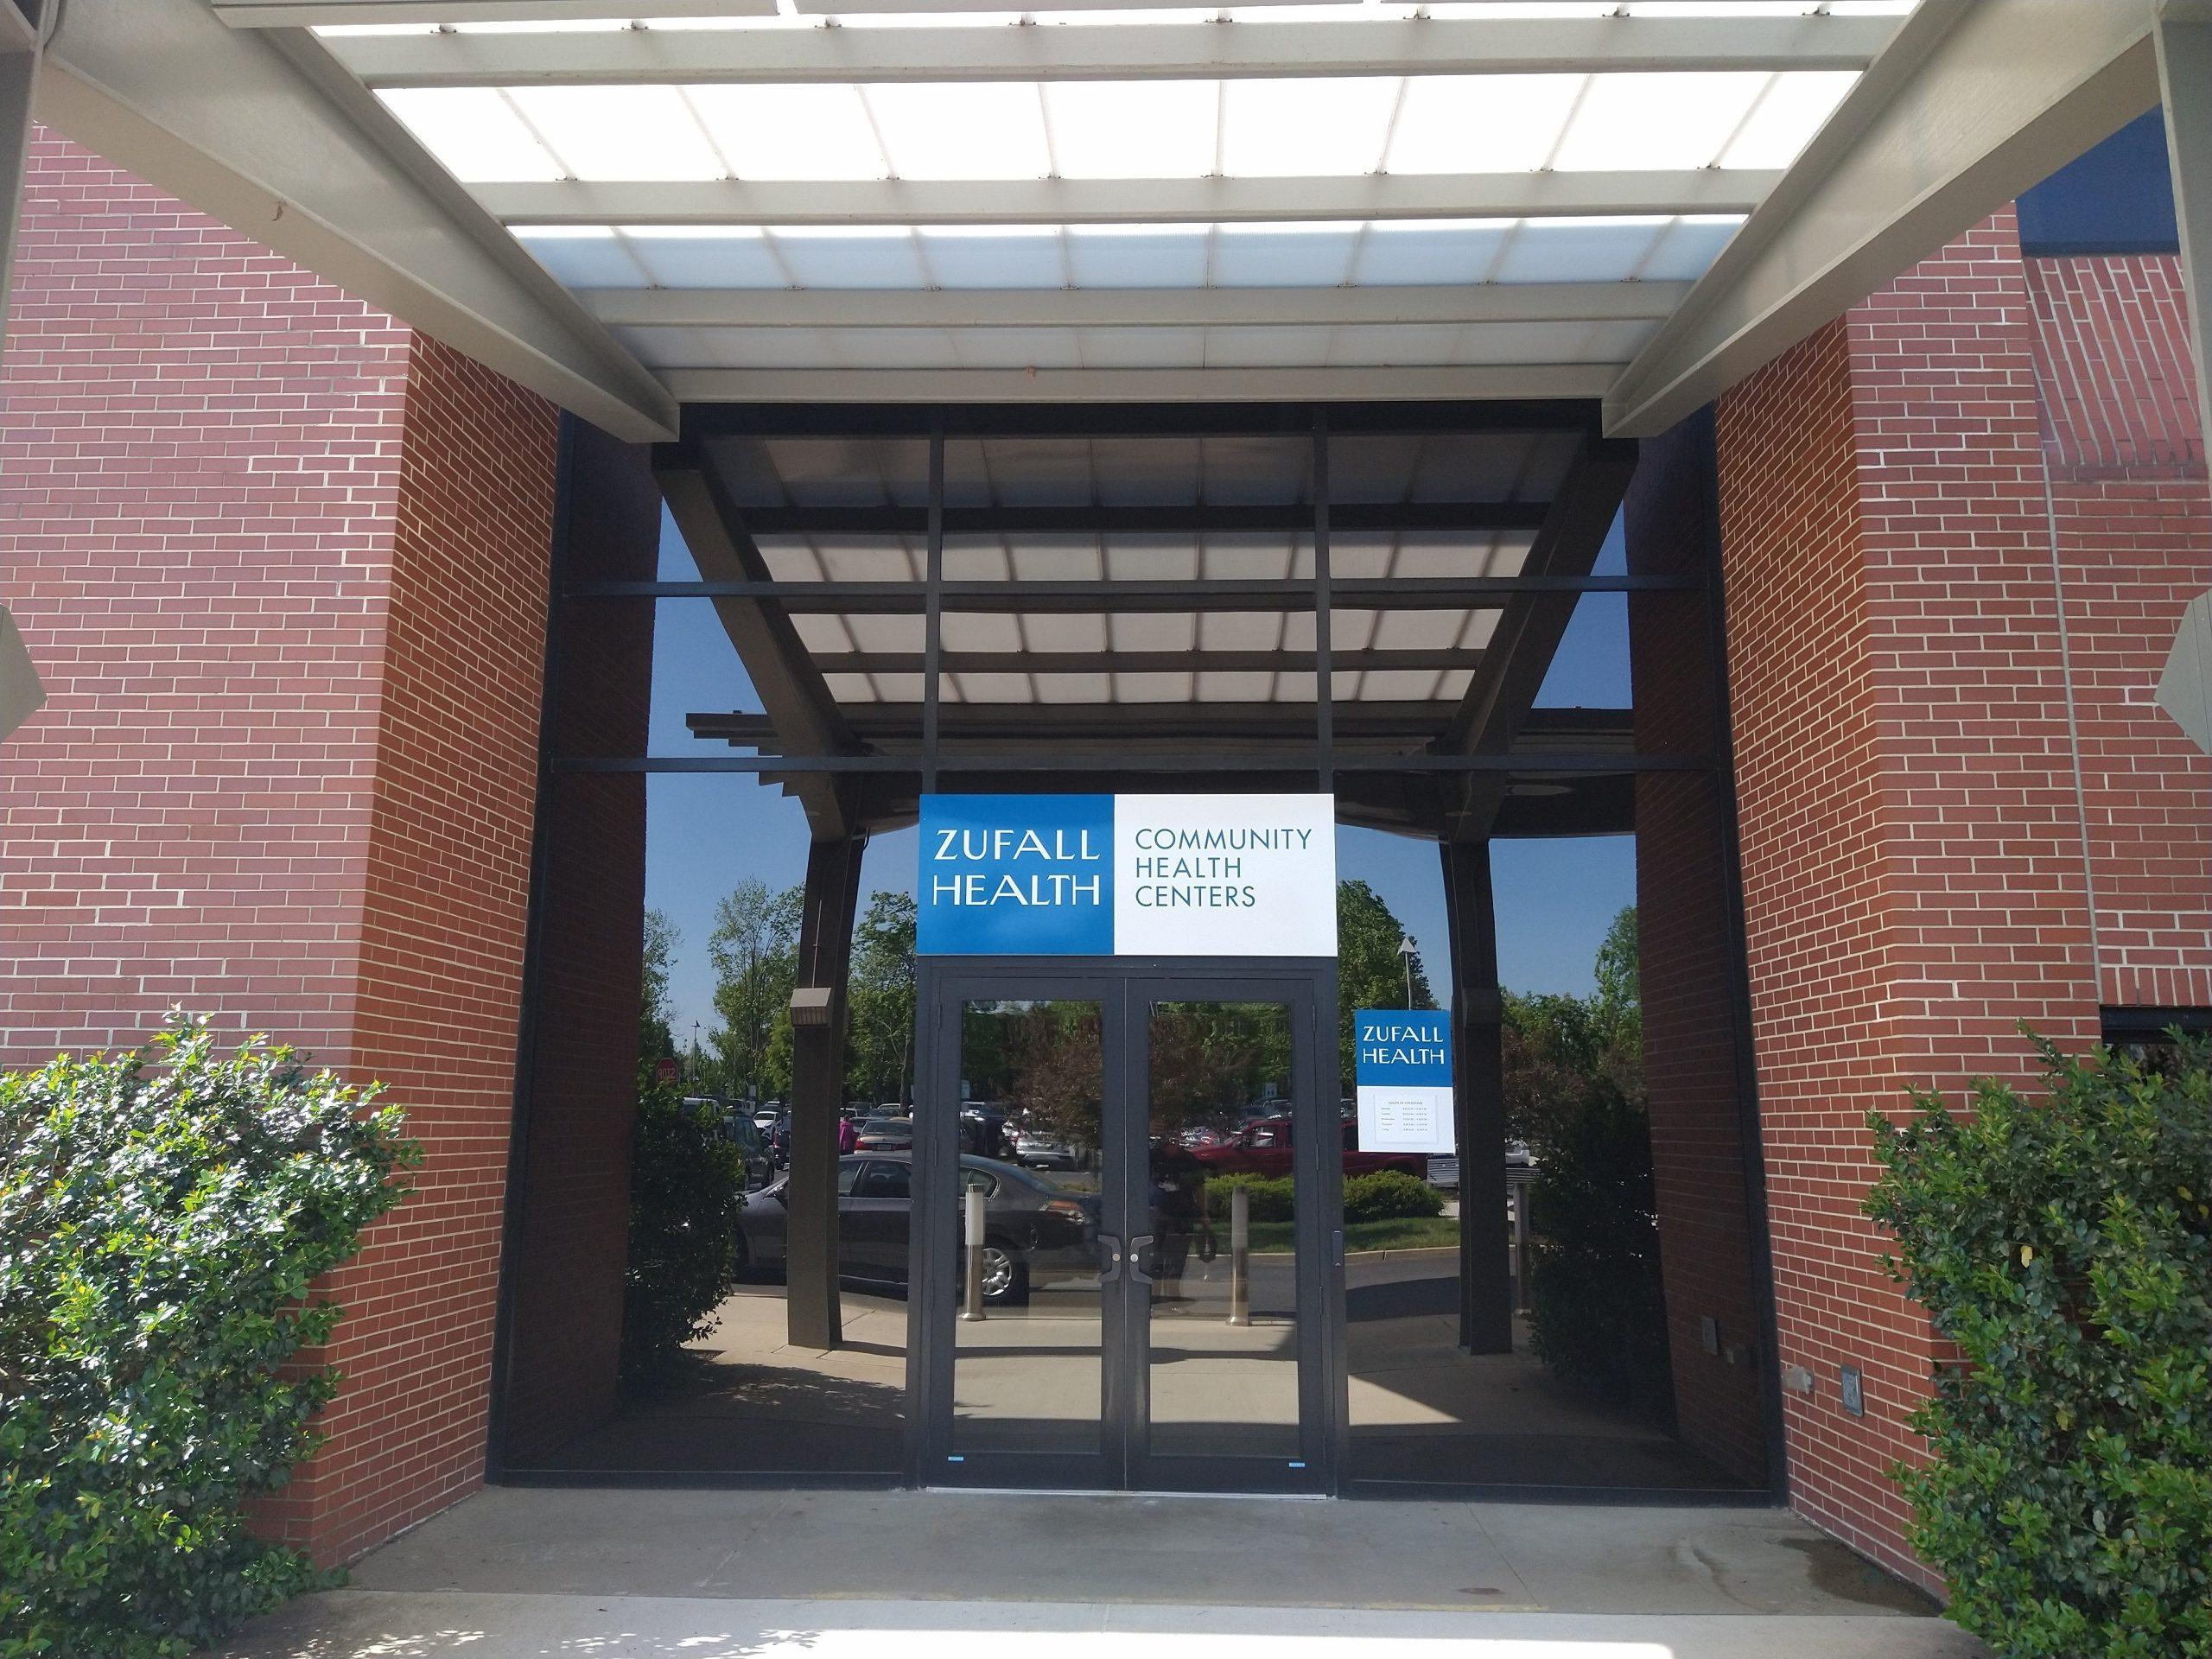 Facade of the Zufall Health Center in Plainsboro, NJ